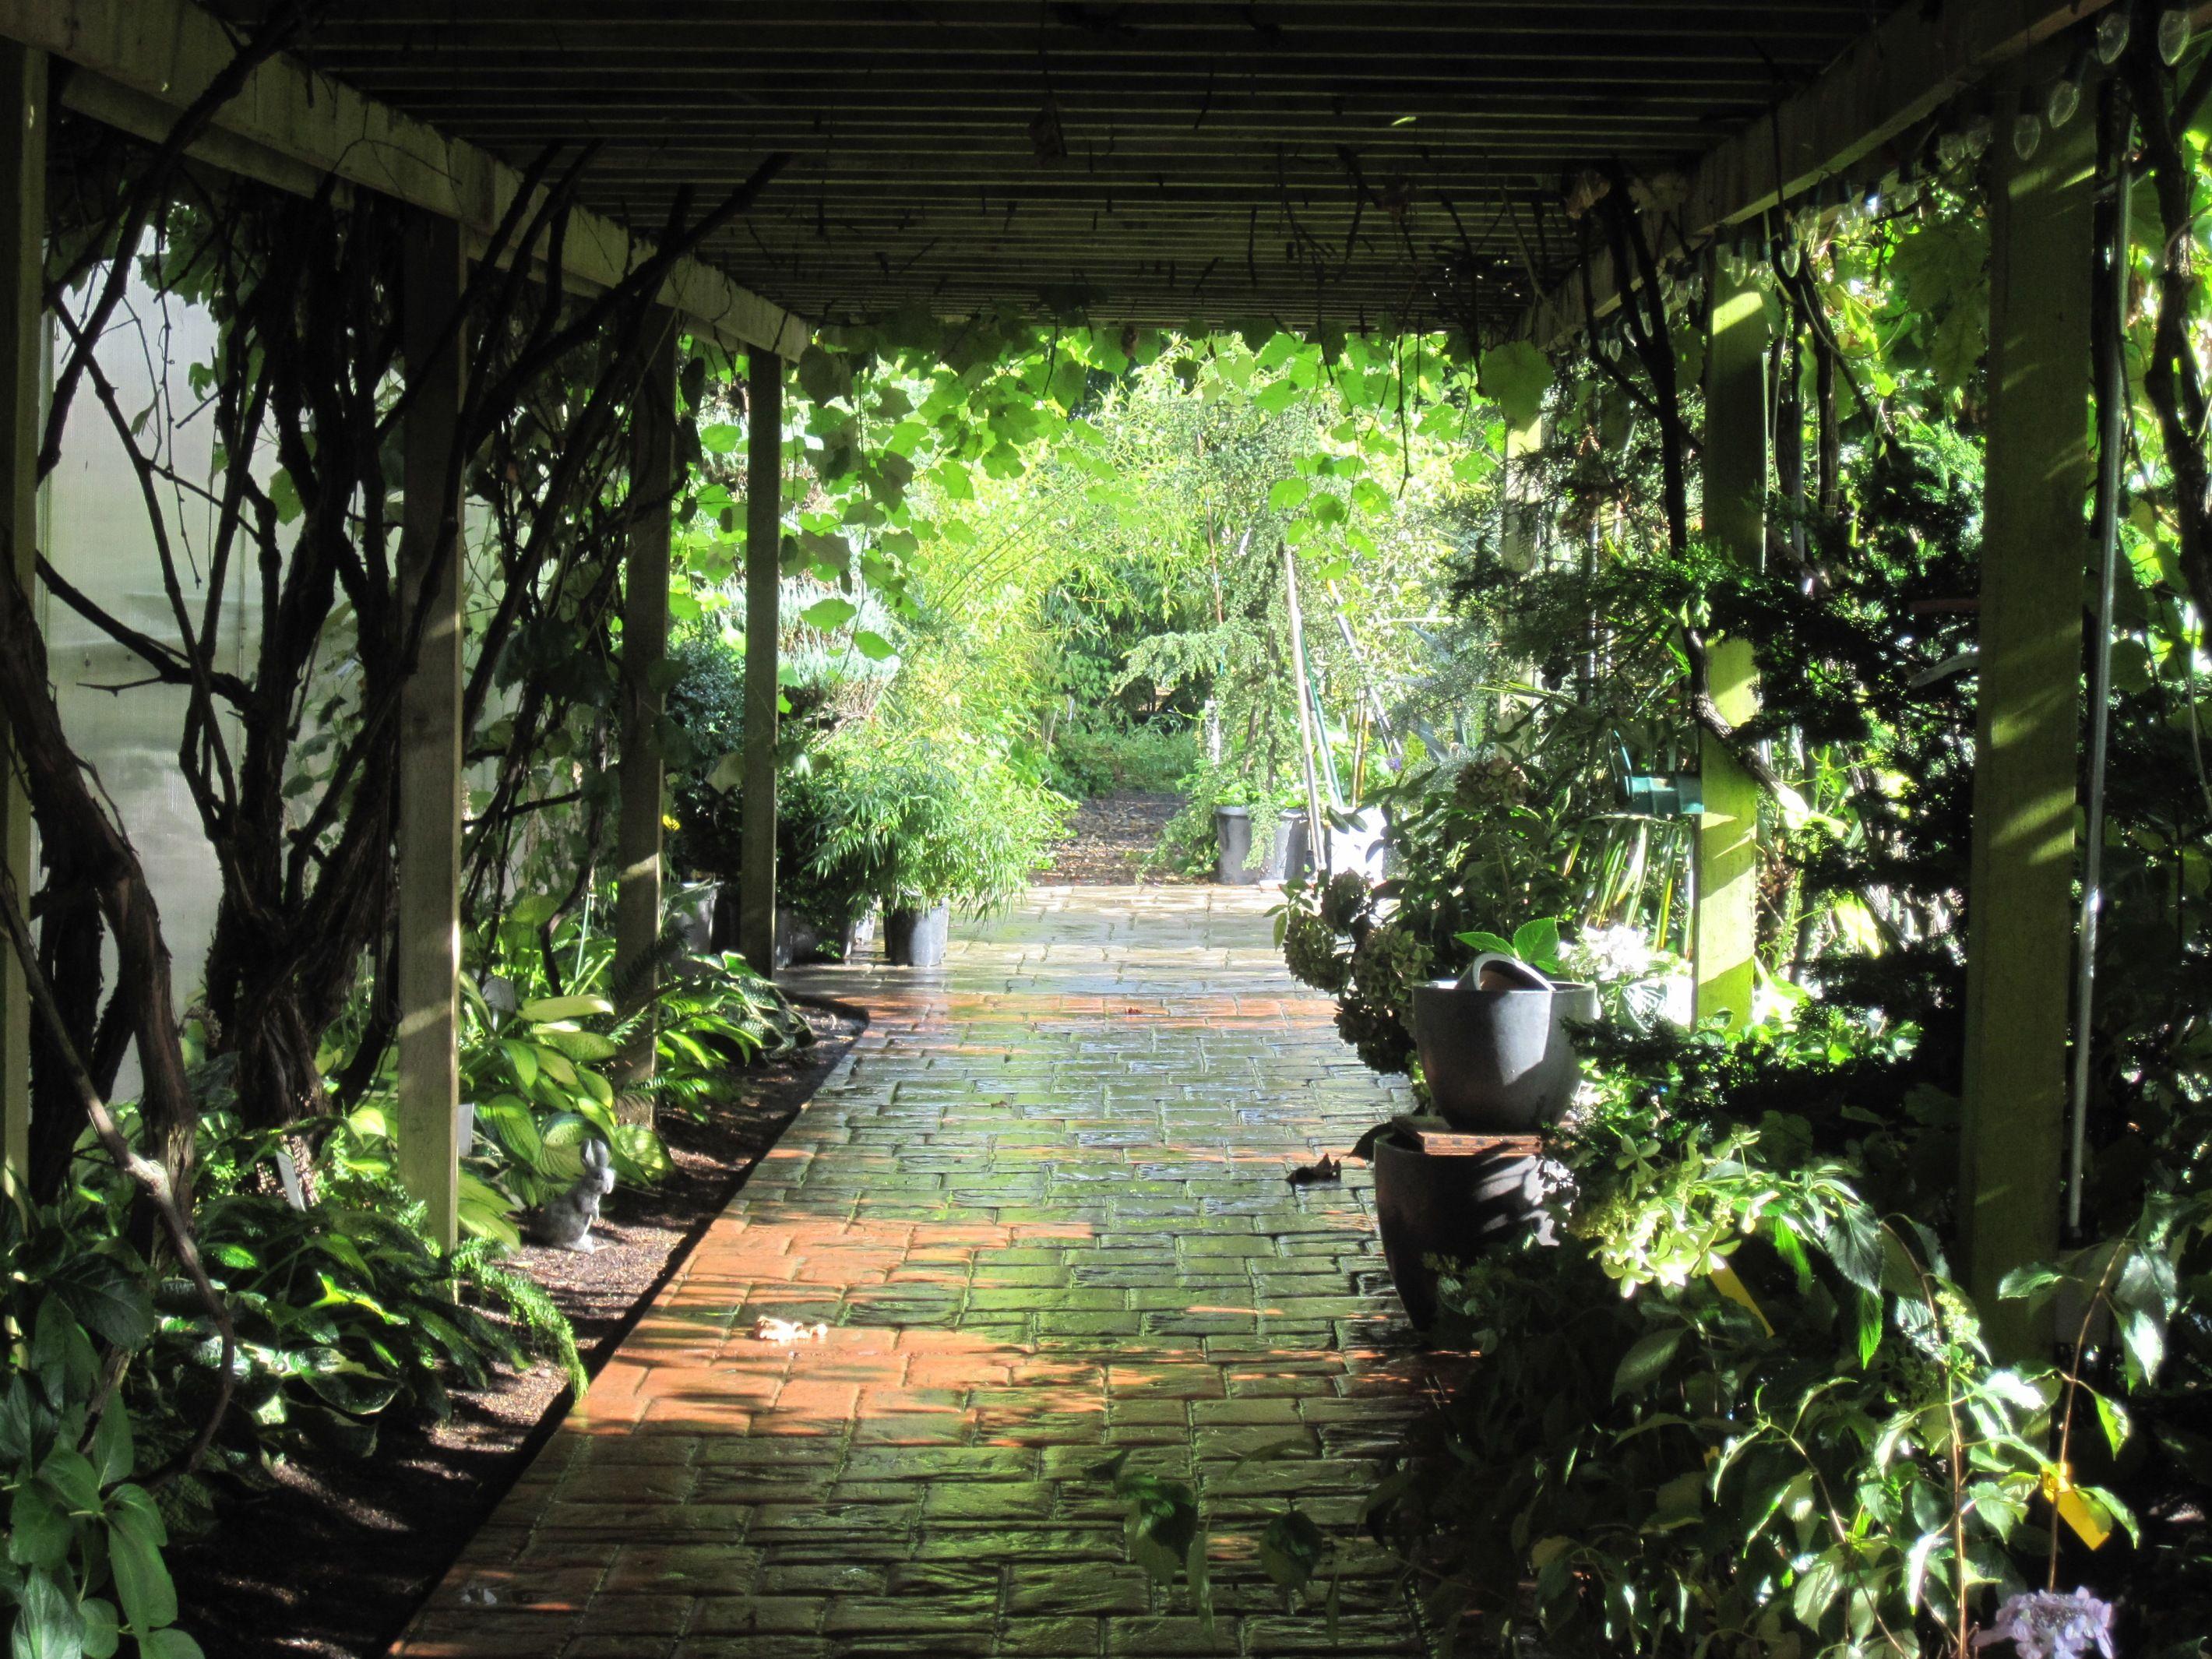 The display garden at Bauman's Farm & Gardens in Gervais